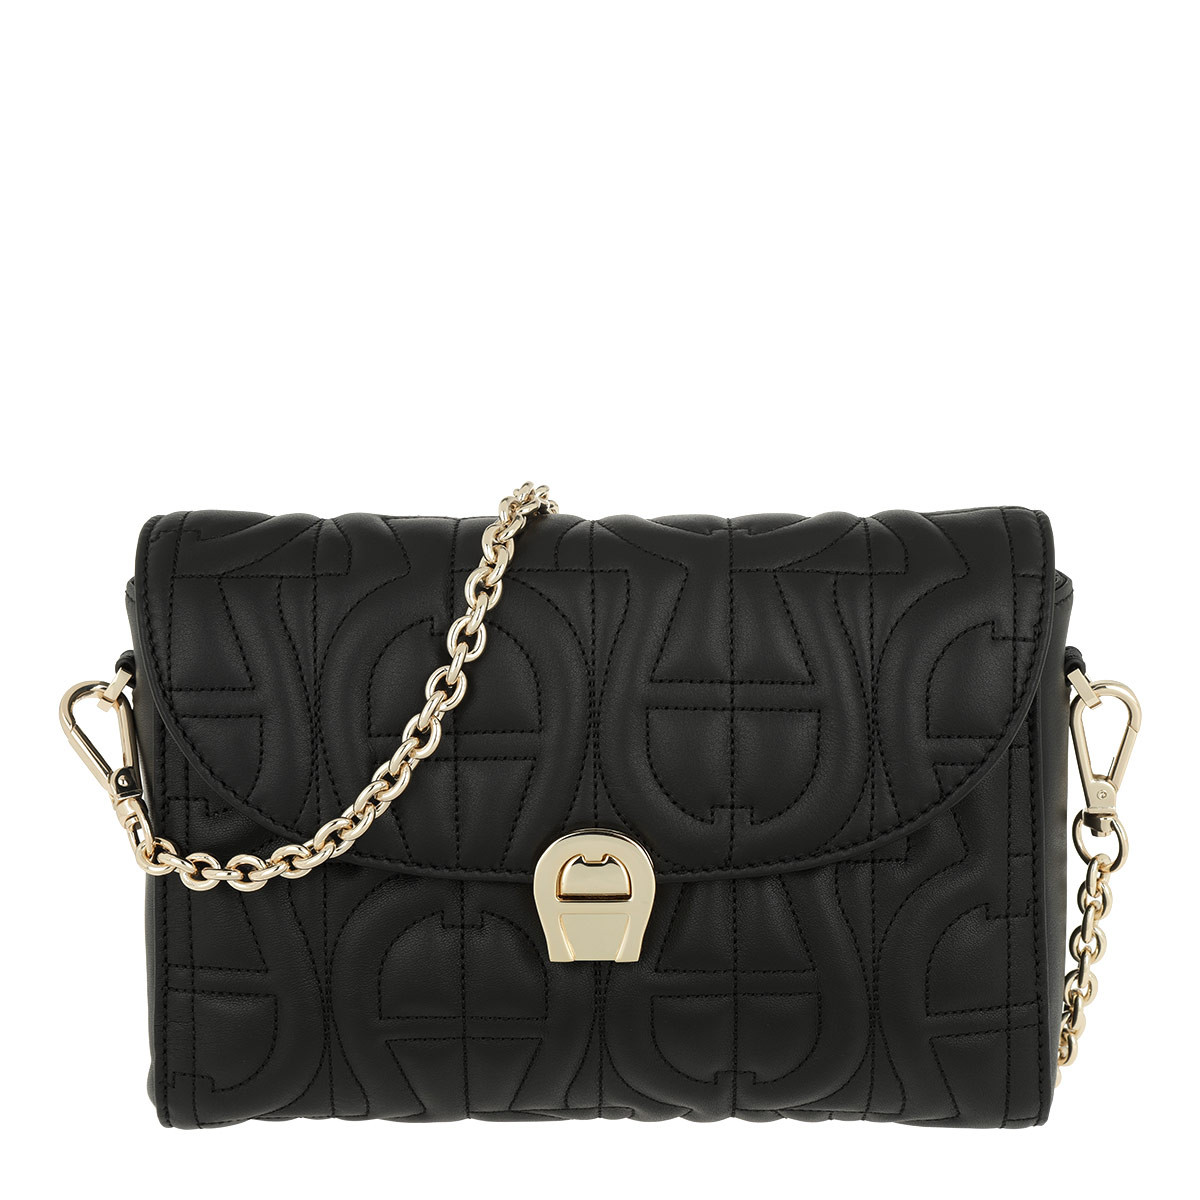 Aigner Umhängetasche - Genoveva S Crossbody Bag Black - in schwarz - für Damen